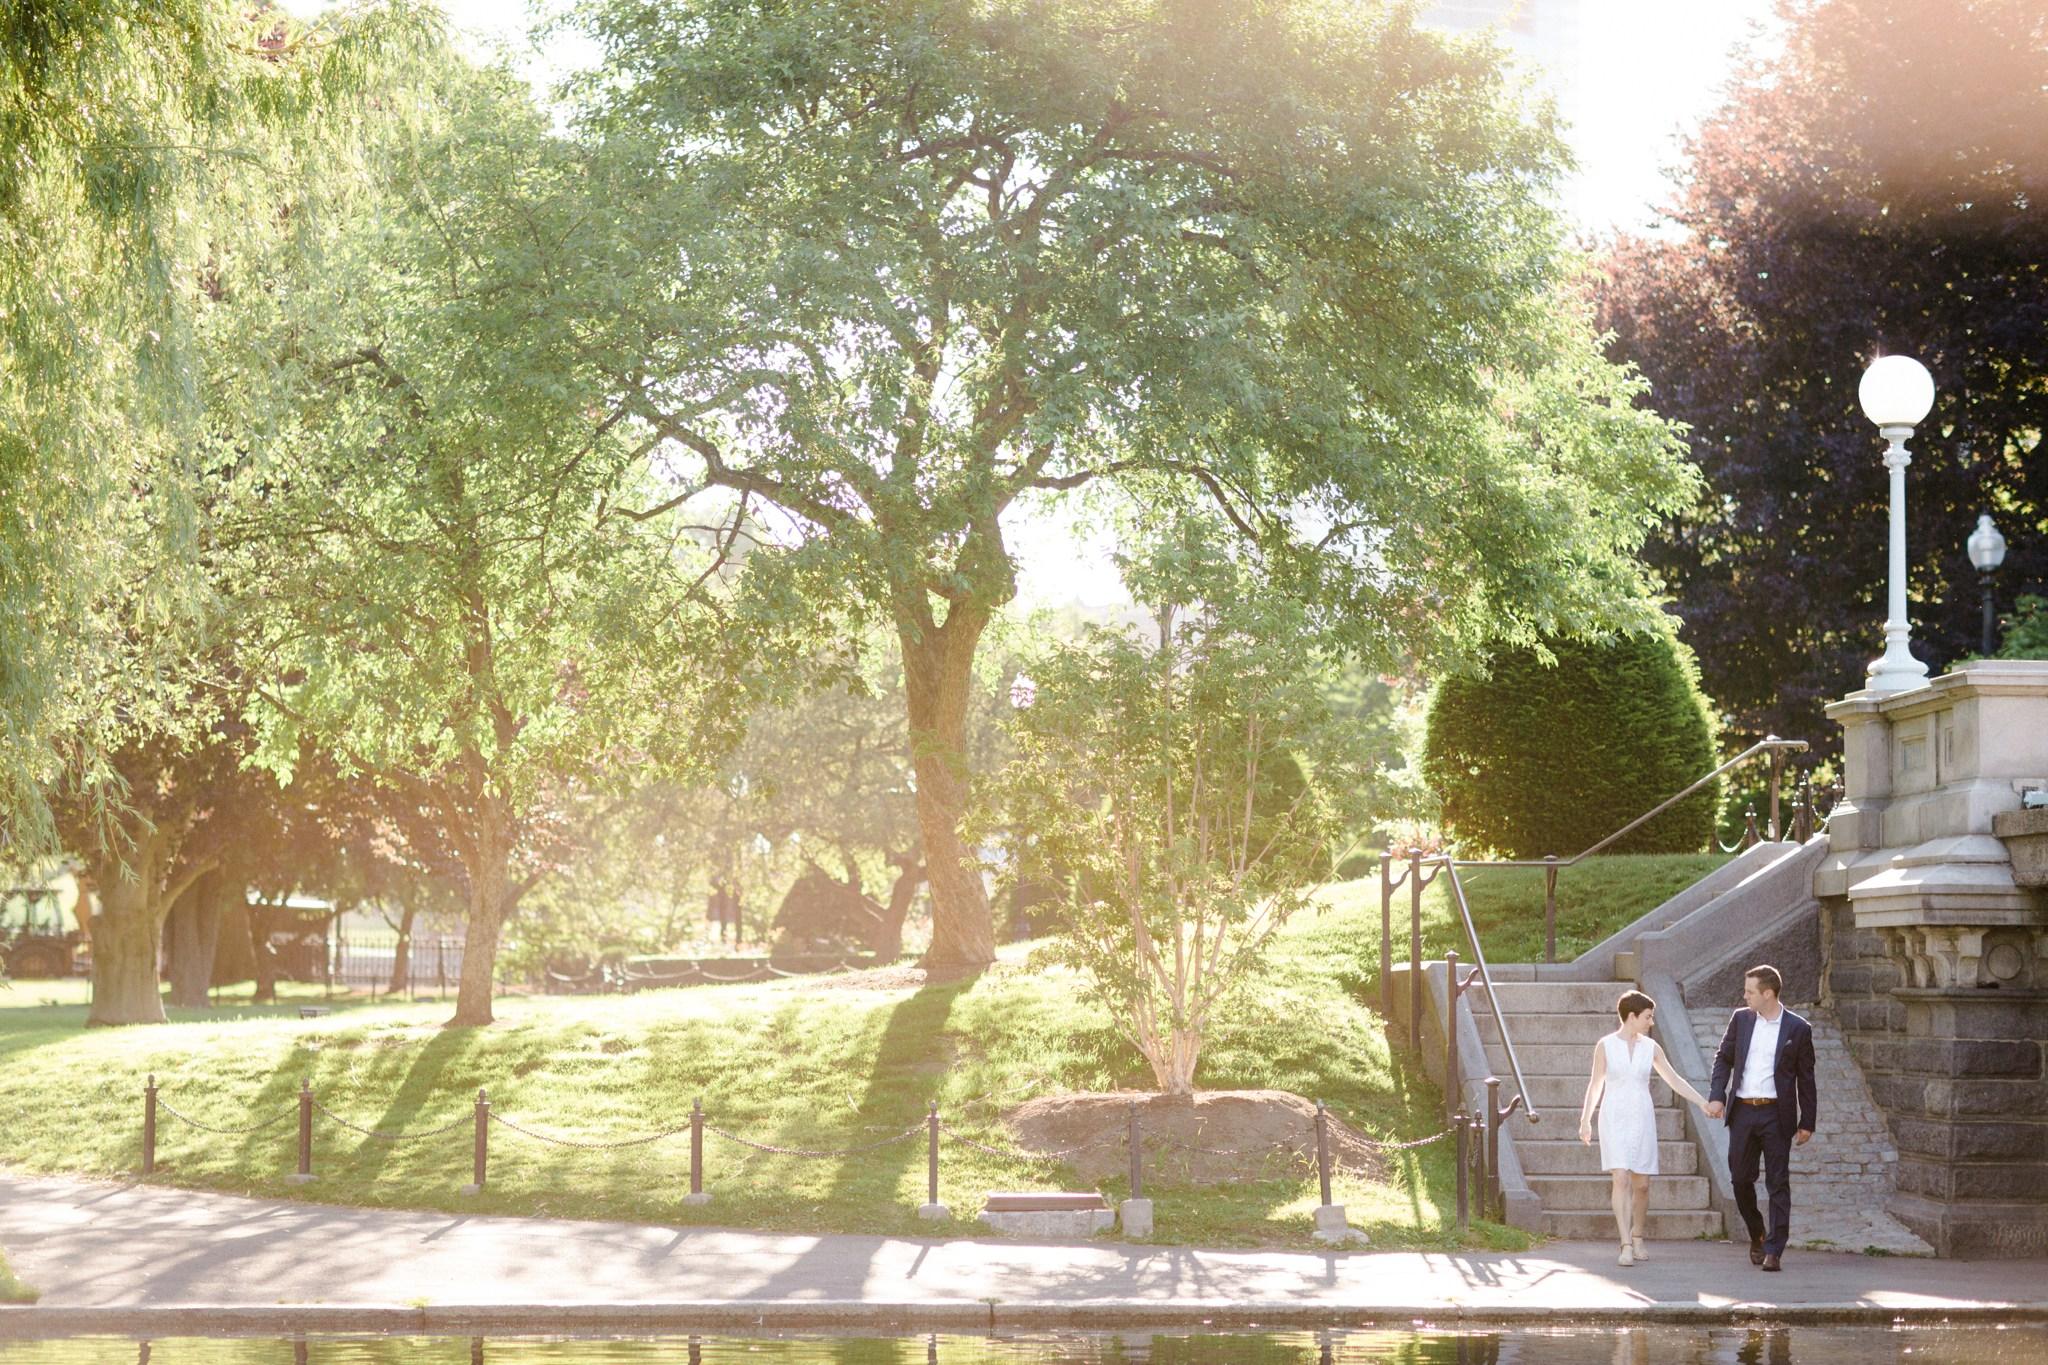 boston_public_garden_engagement_session_0002.JPG